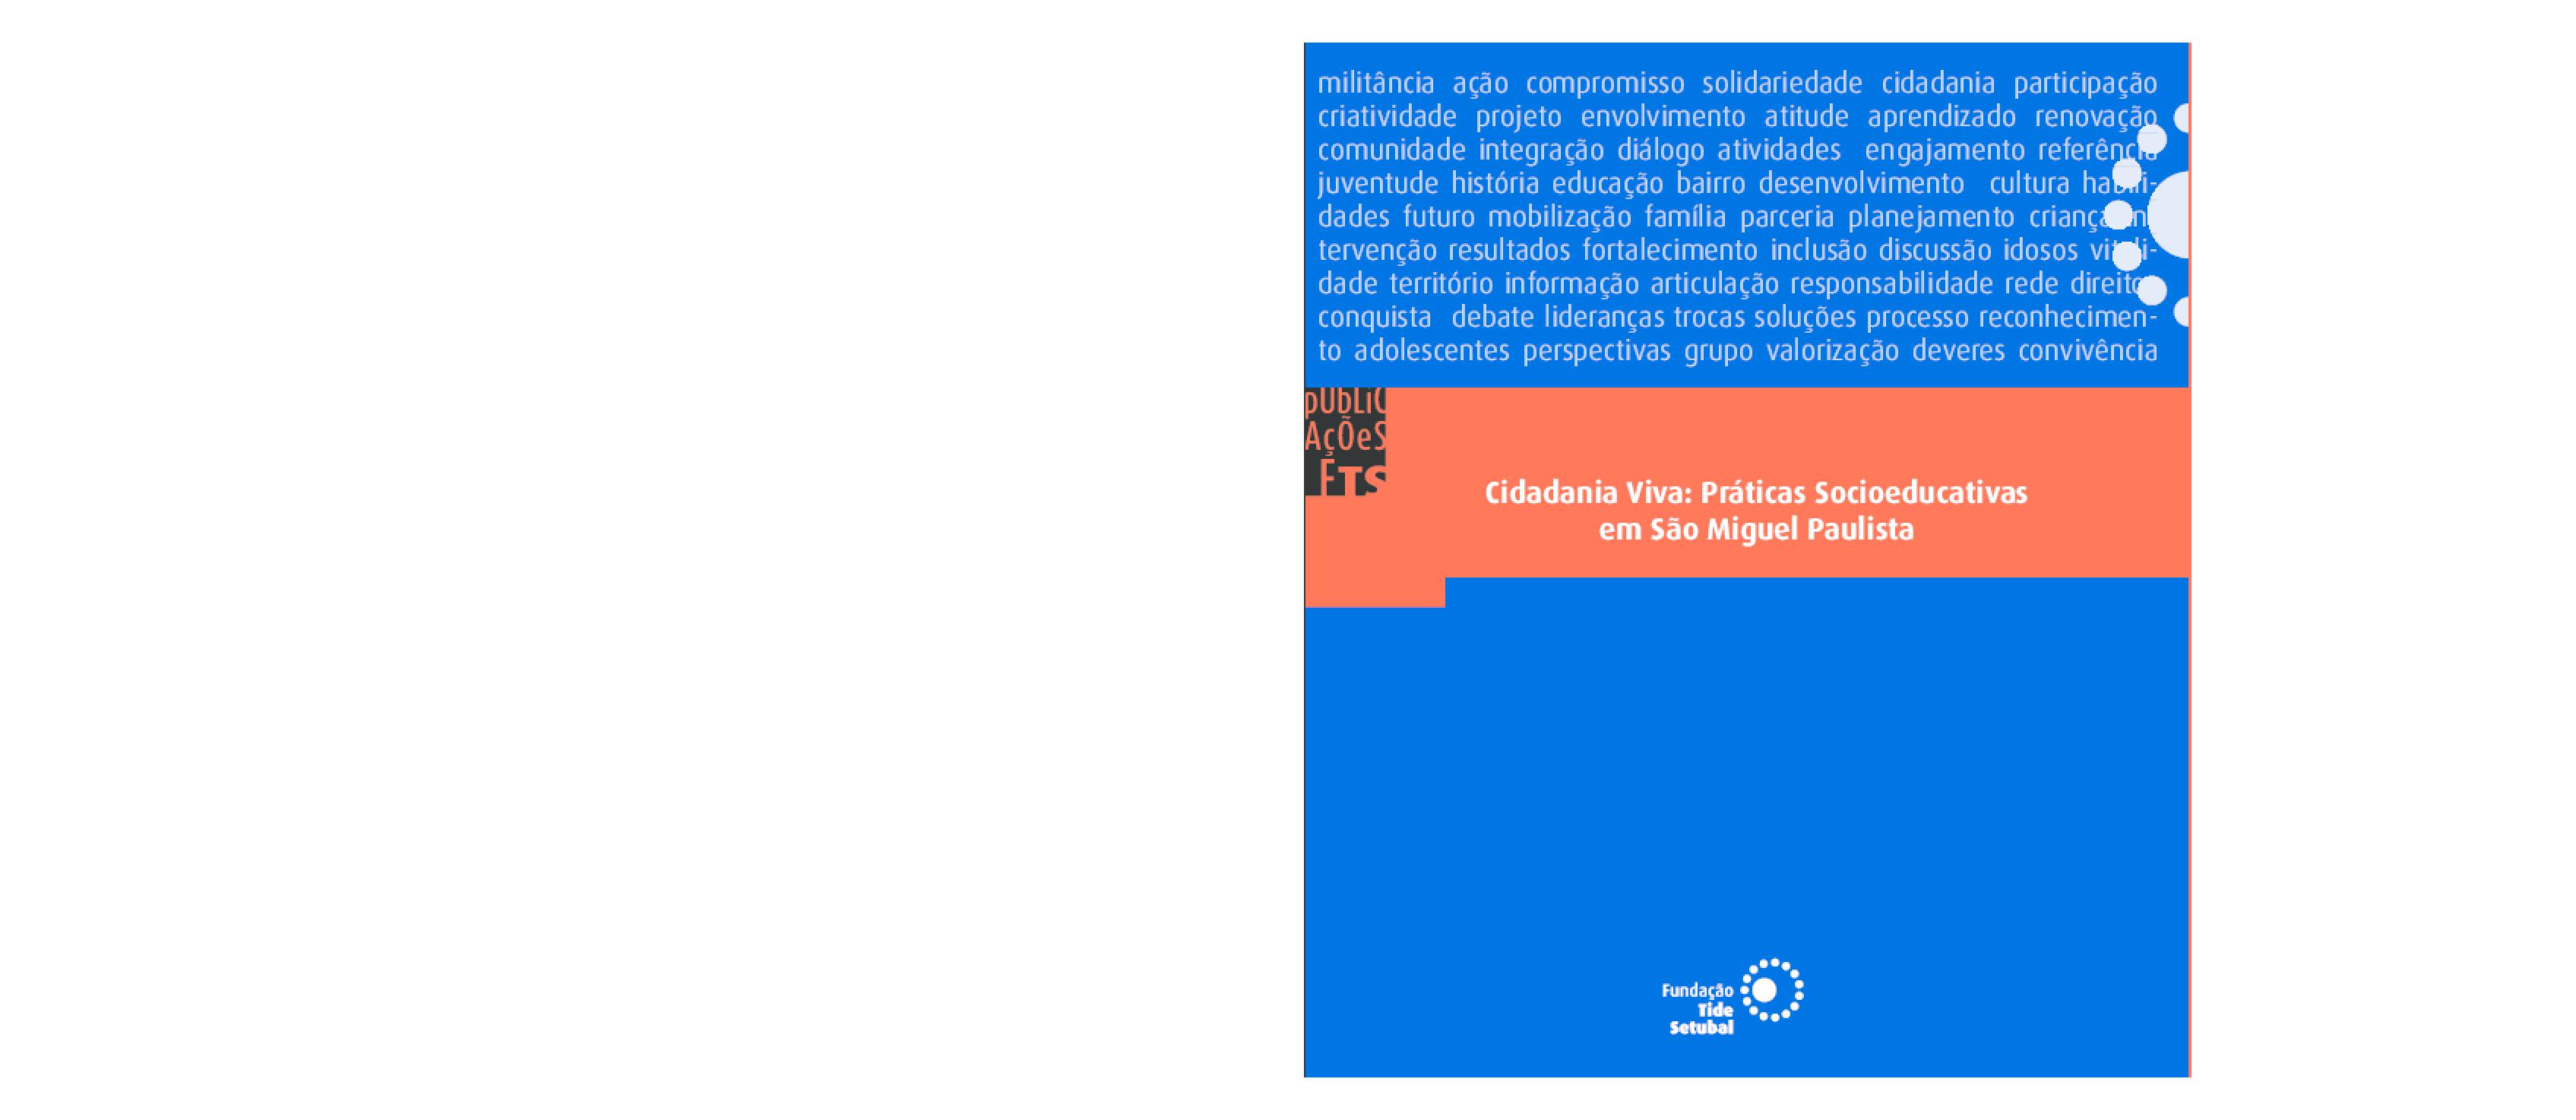 Cidadania viva: práticas socioeducativas em São Miguel Paulista